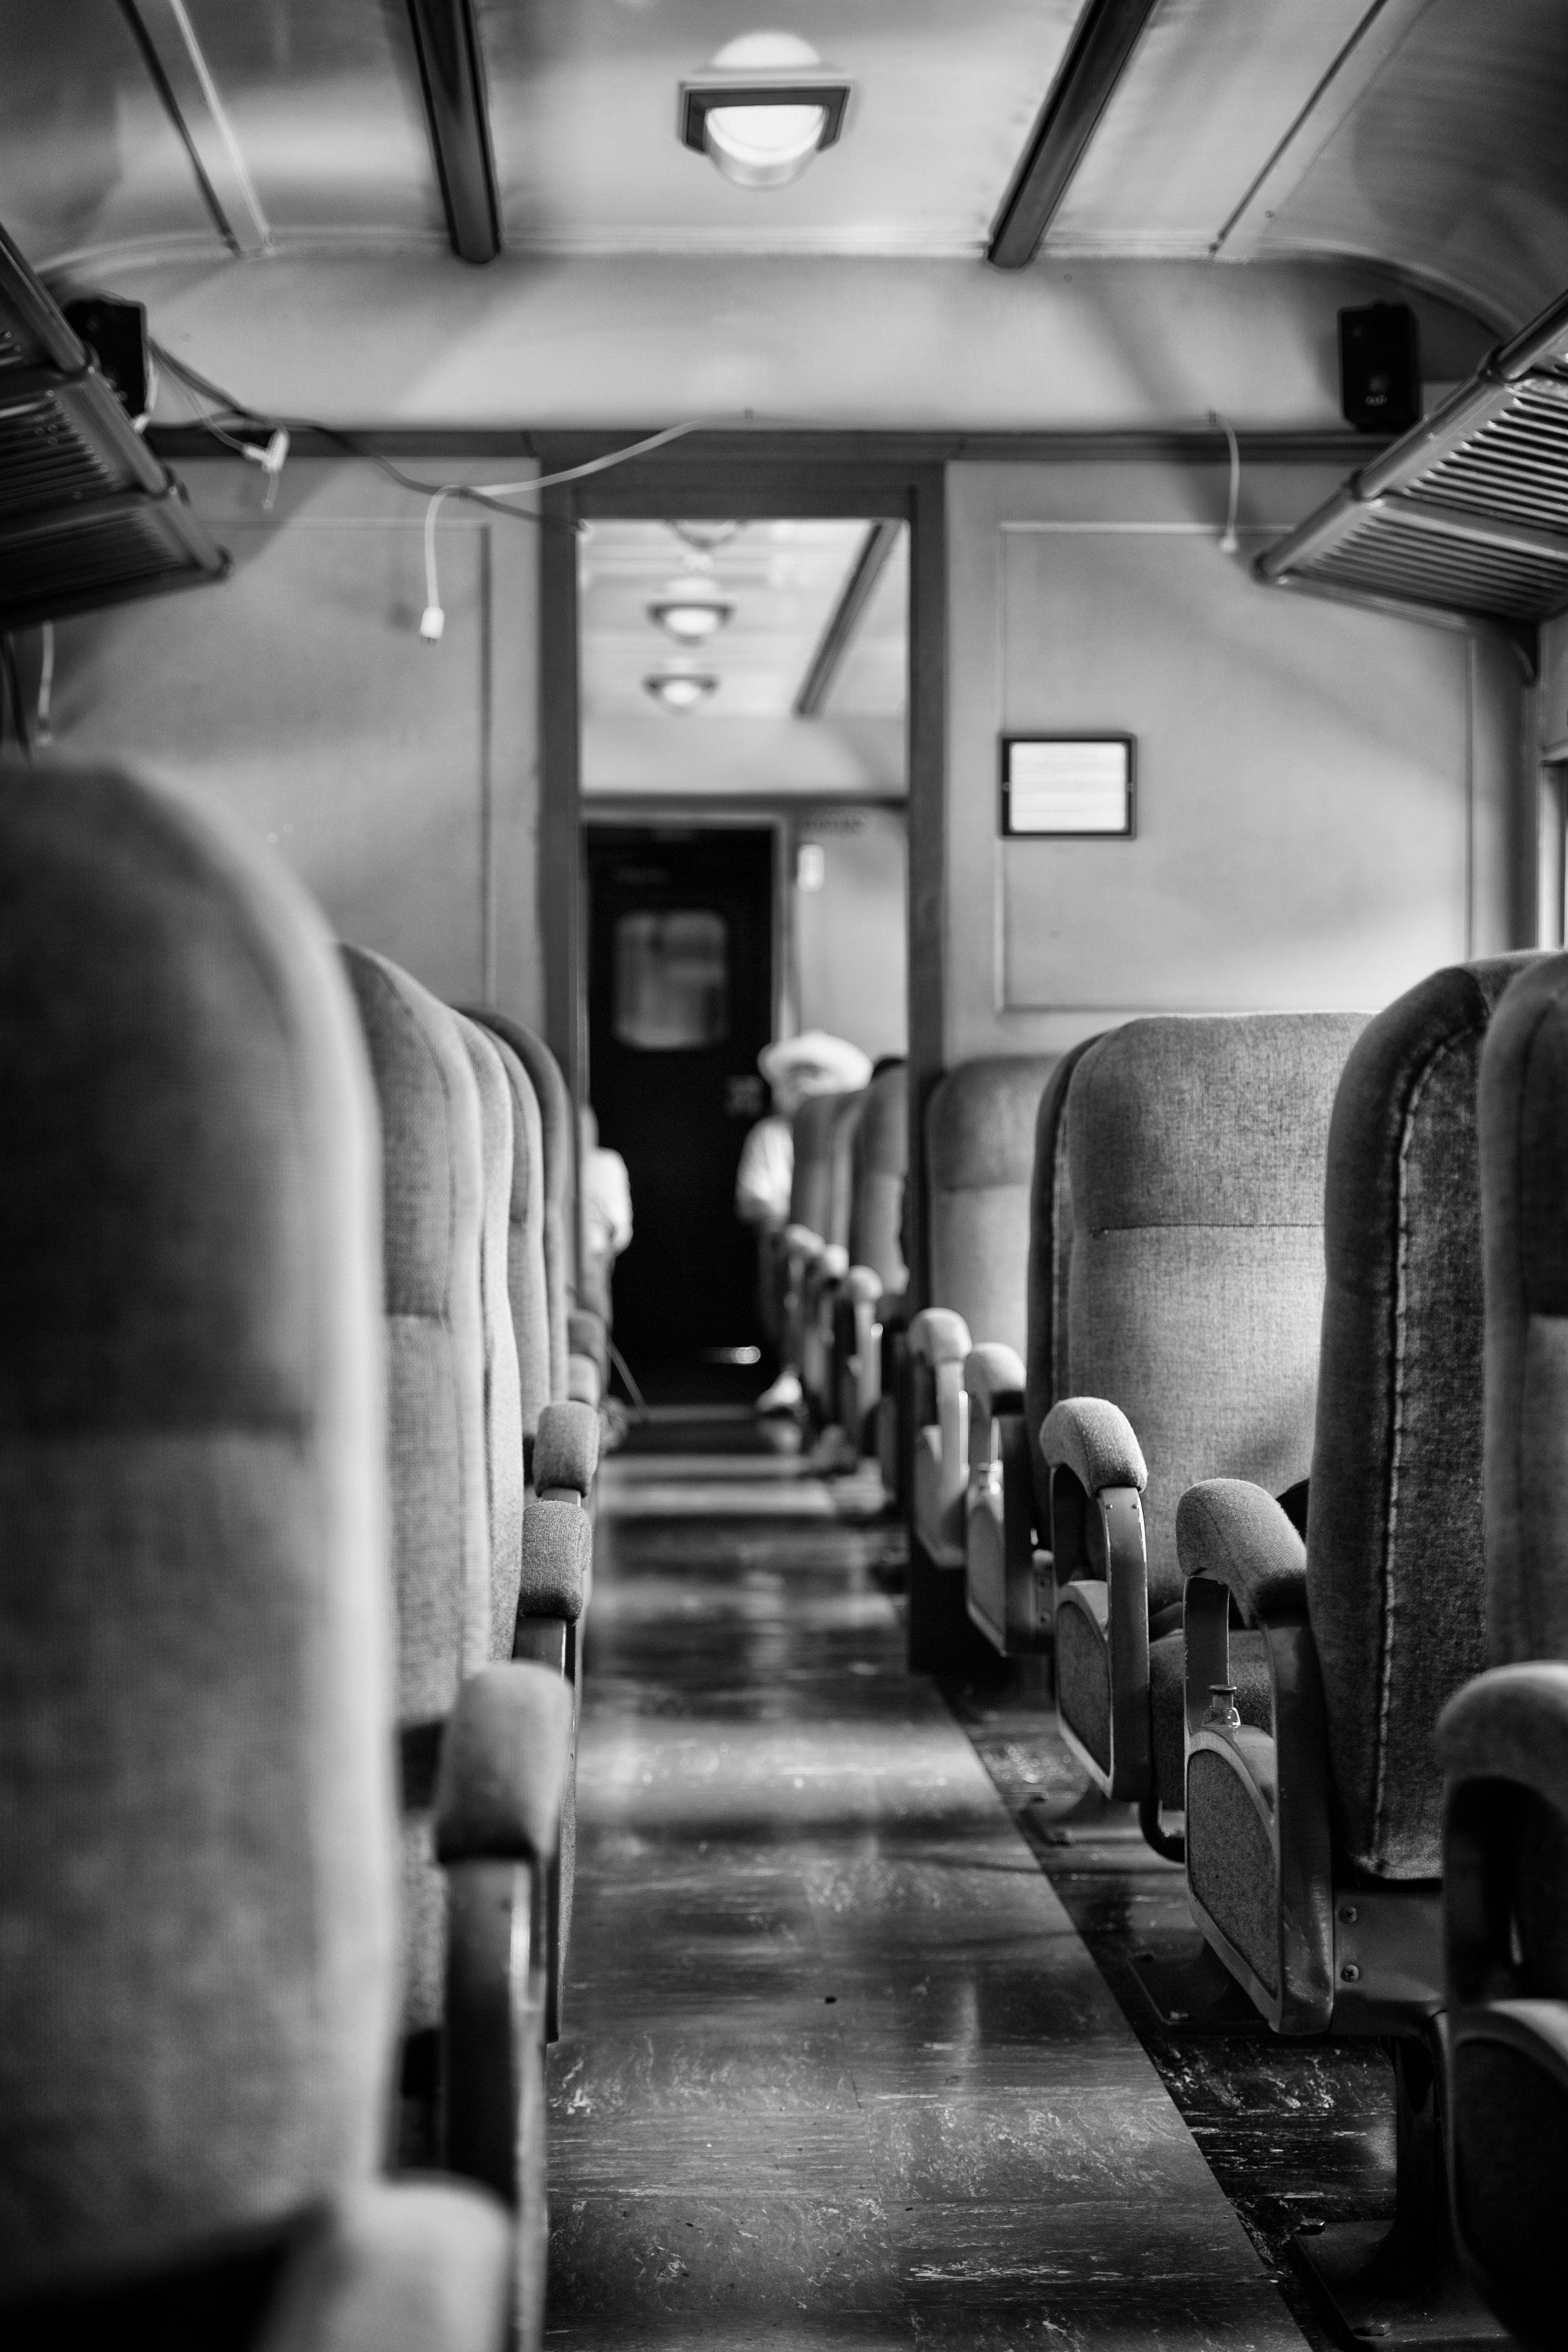 Train PAssenger Car (1 of 1).jpg